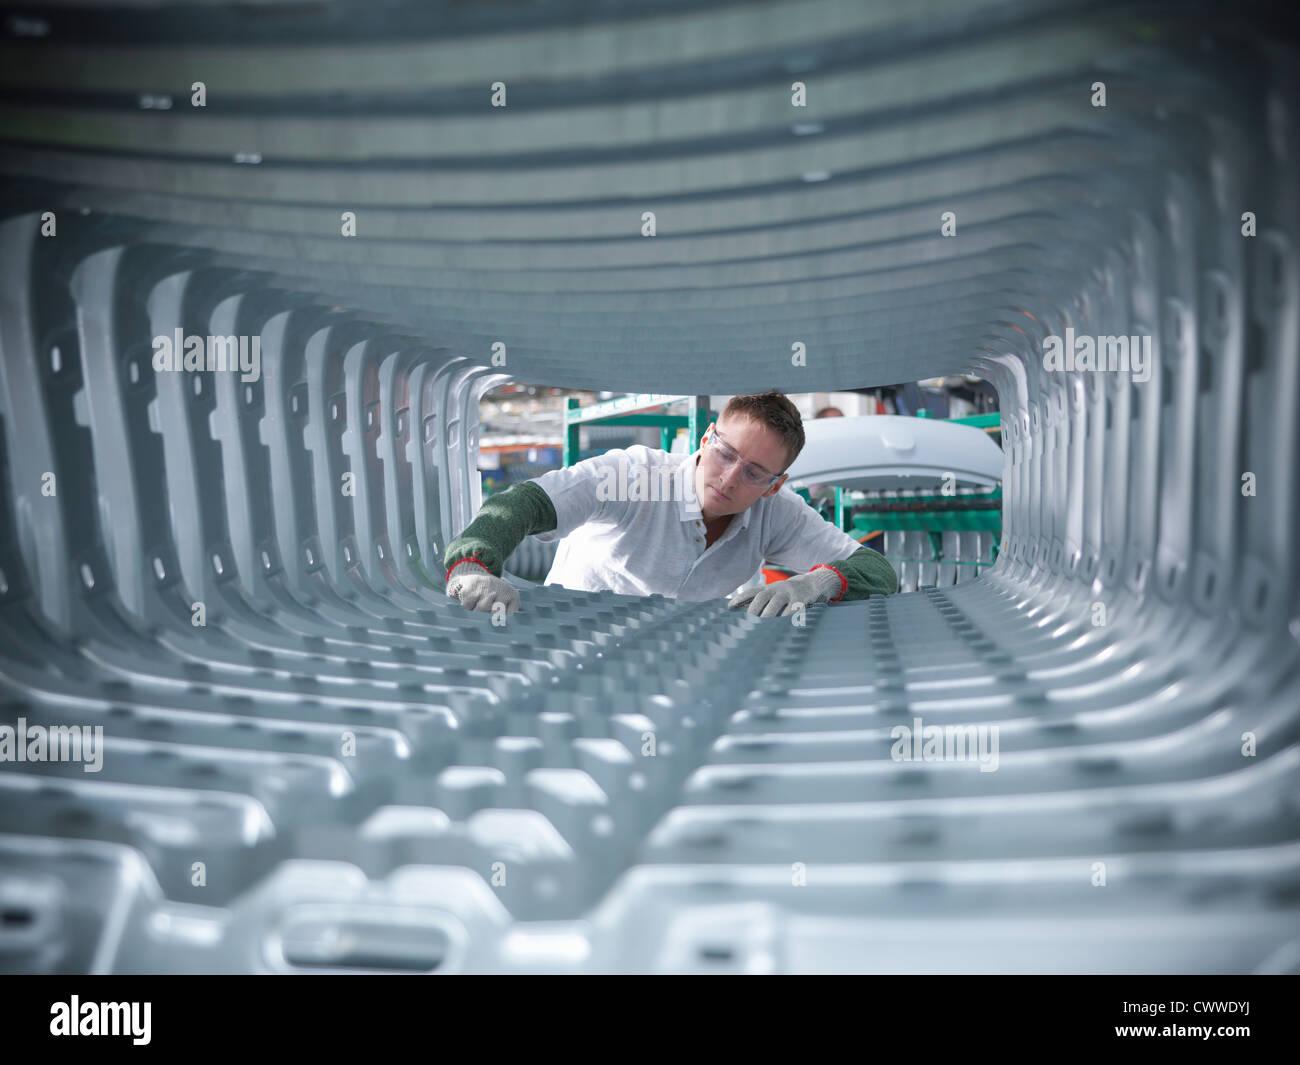 Lavoratore ispezione corpo vettura stampati in fabbrica di automobili Immagini Stock